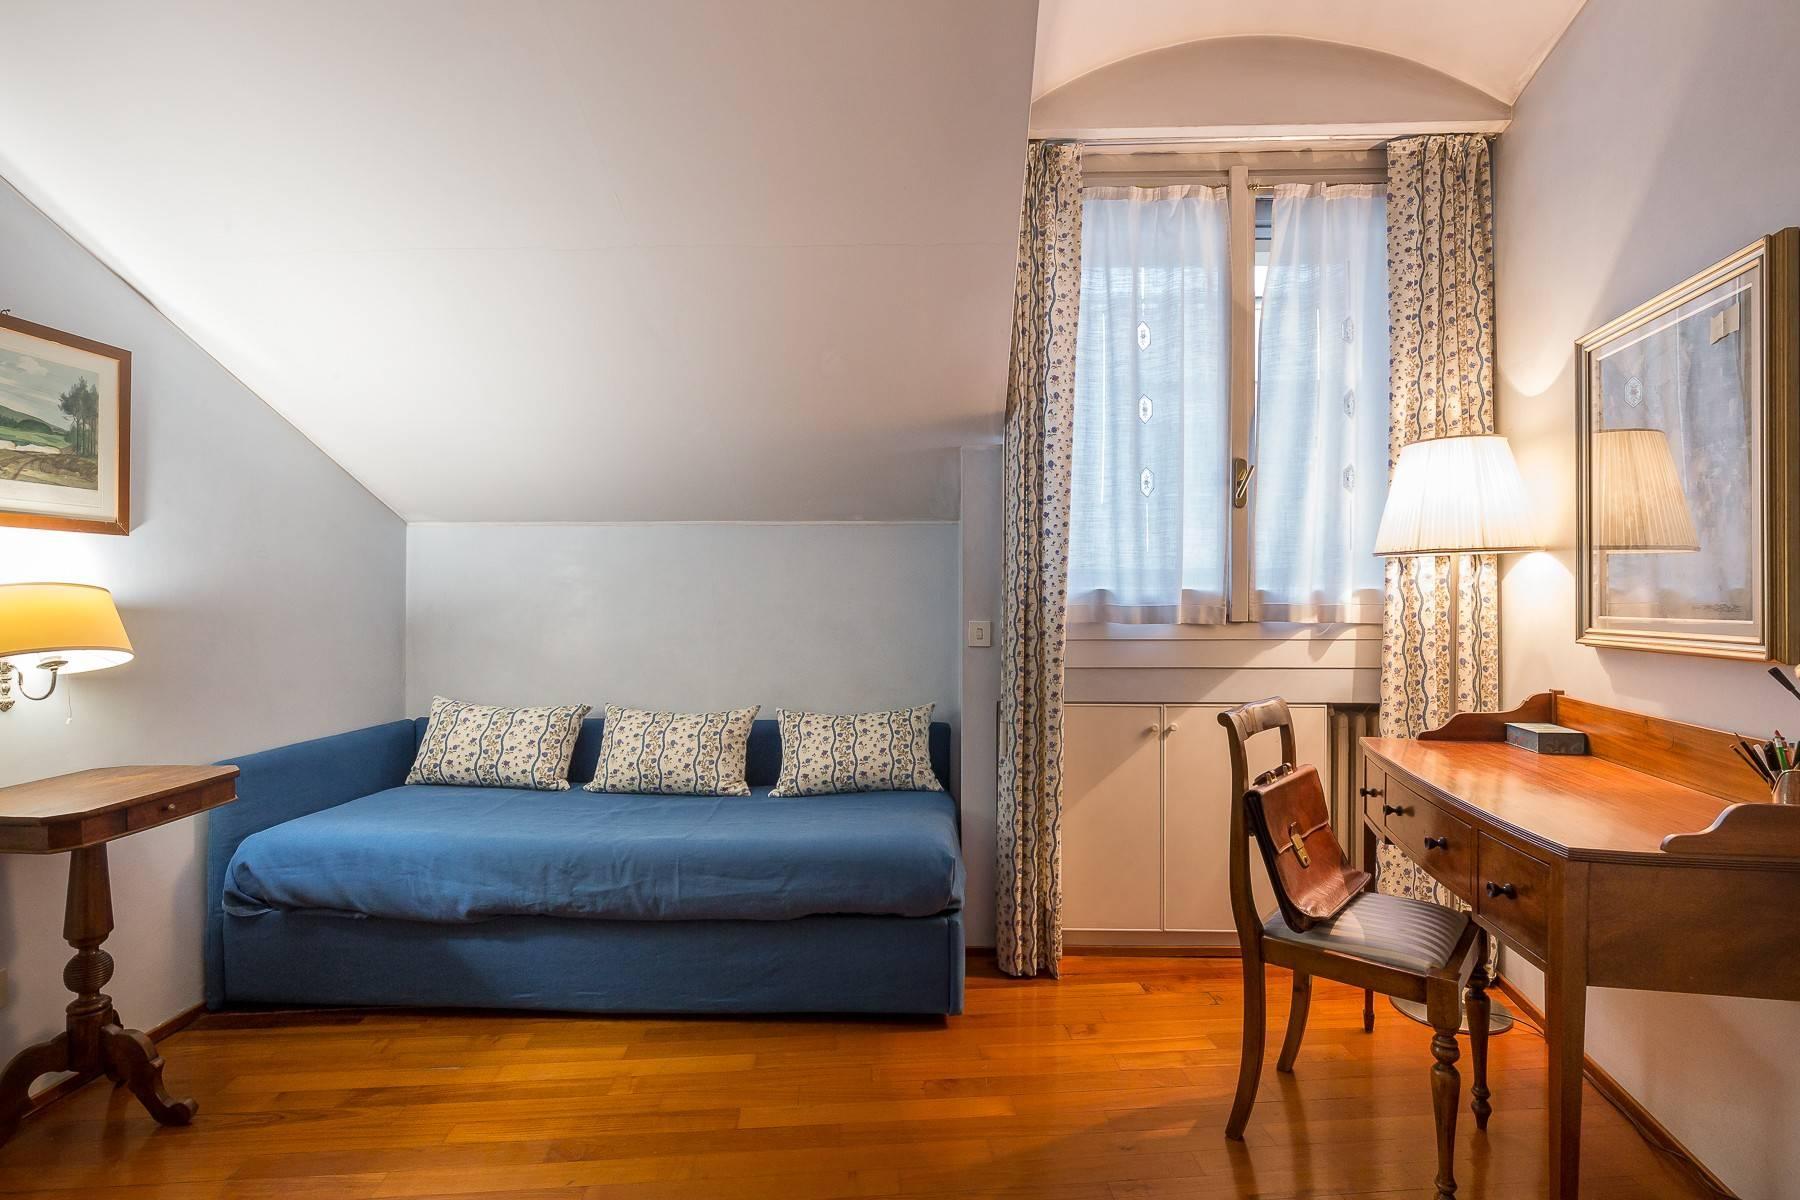 Charmante möblierte Wohnung im San Babila Stadtviertel - 11